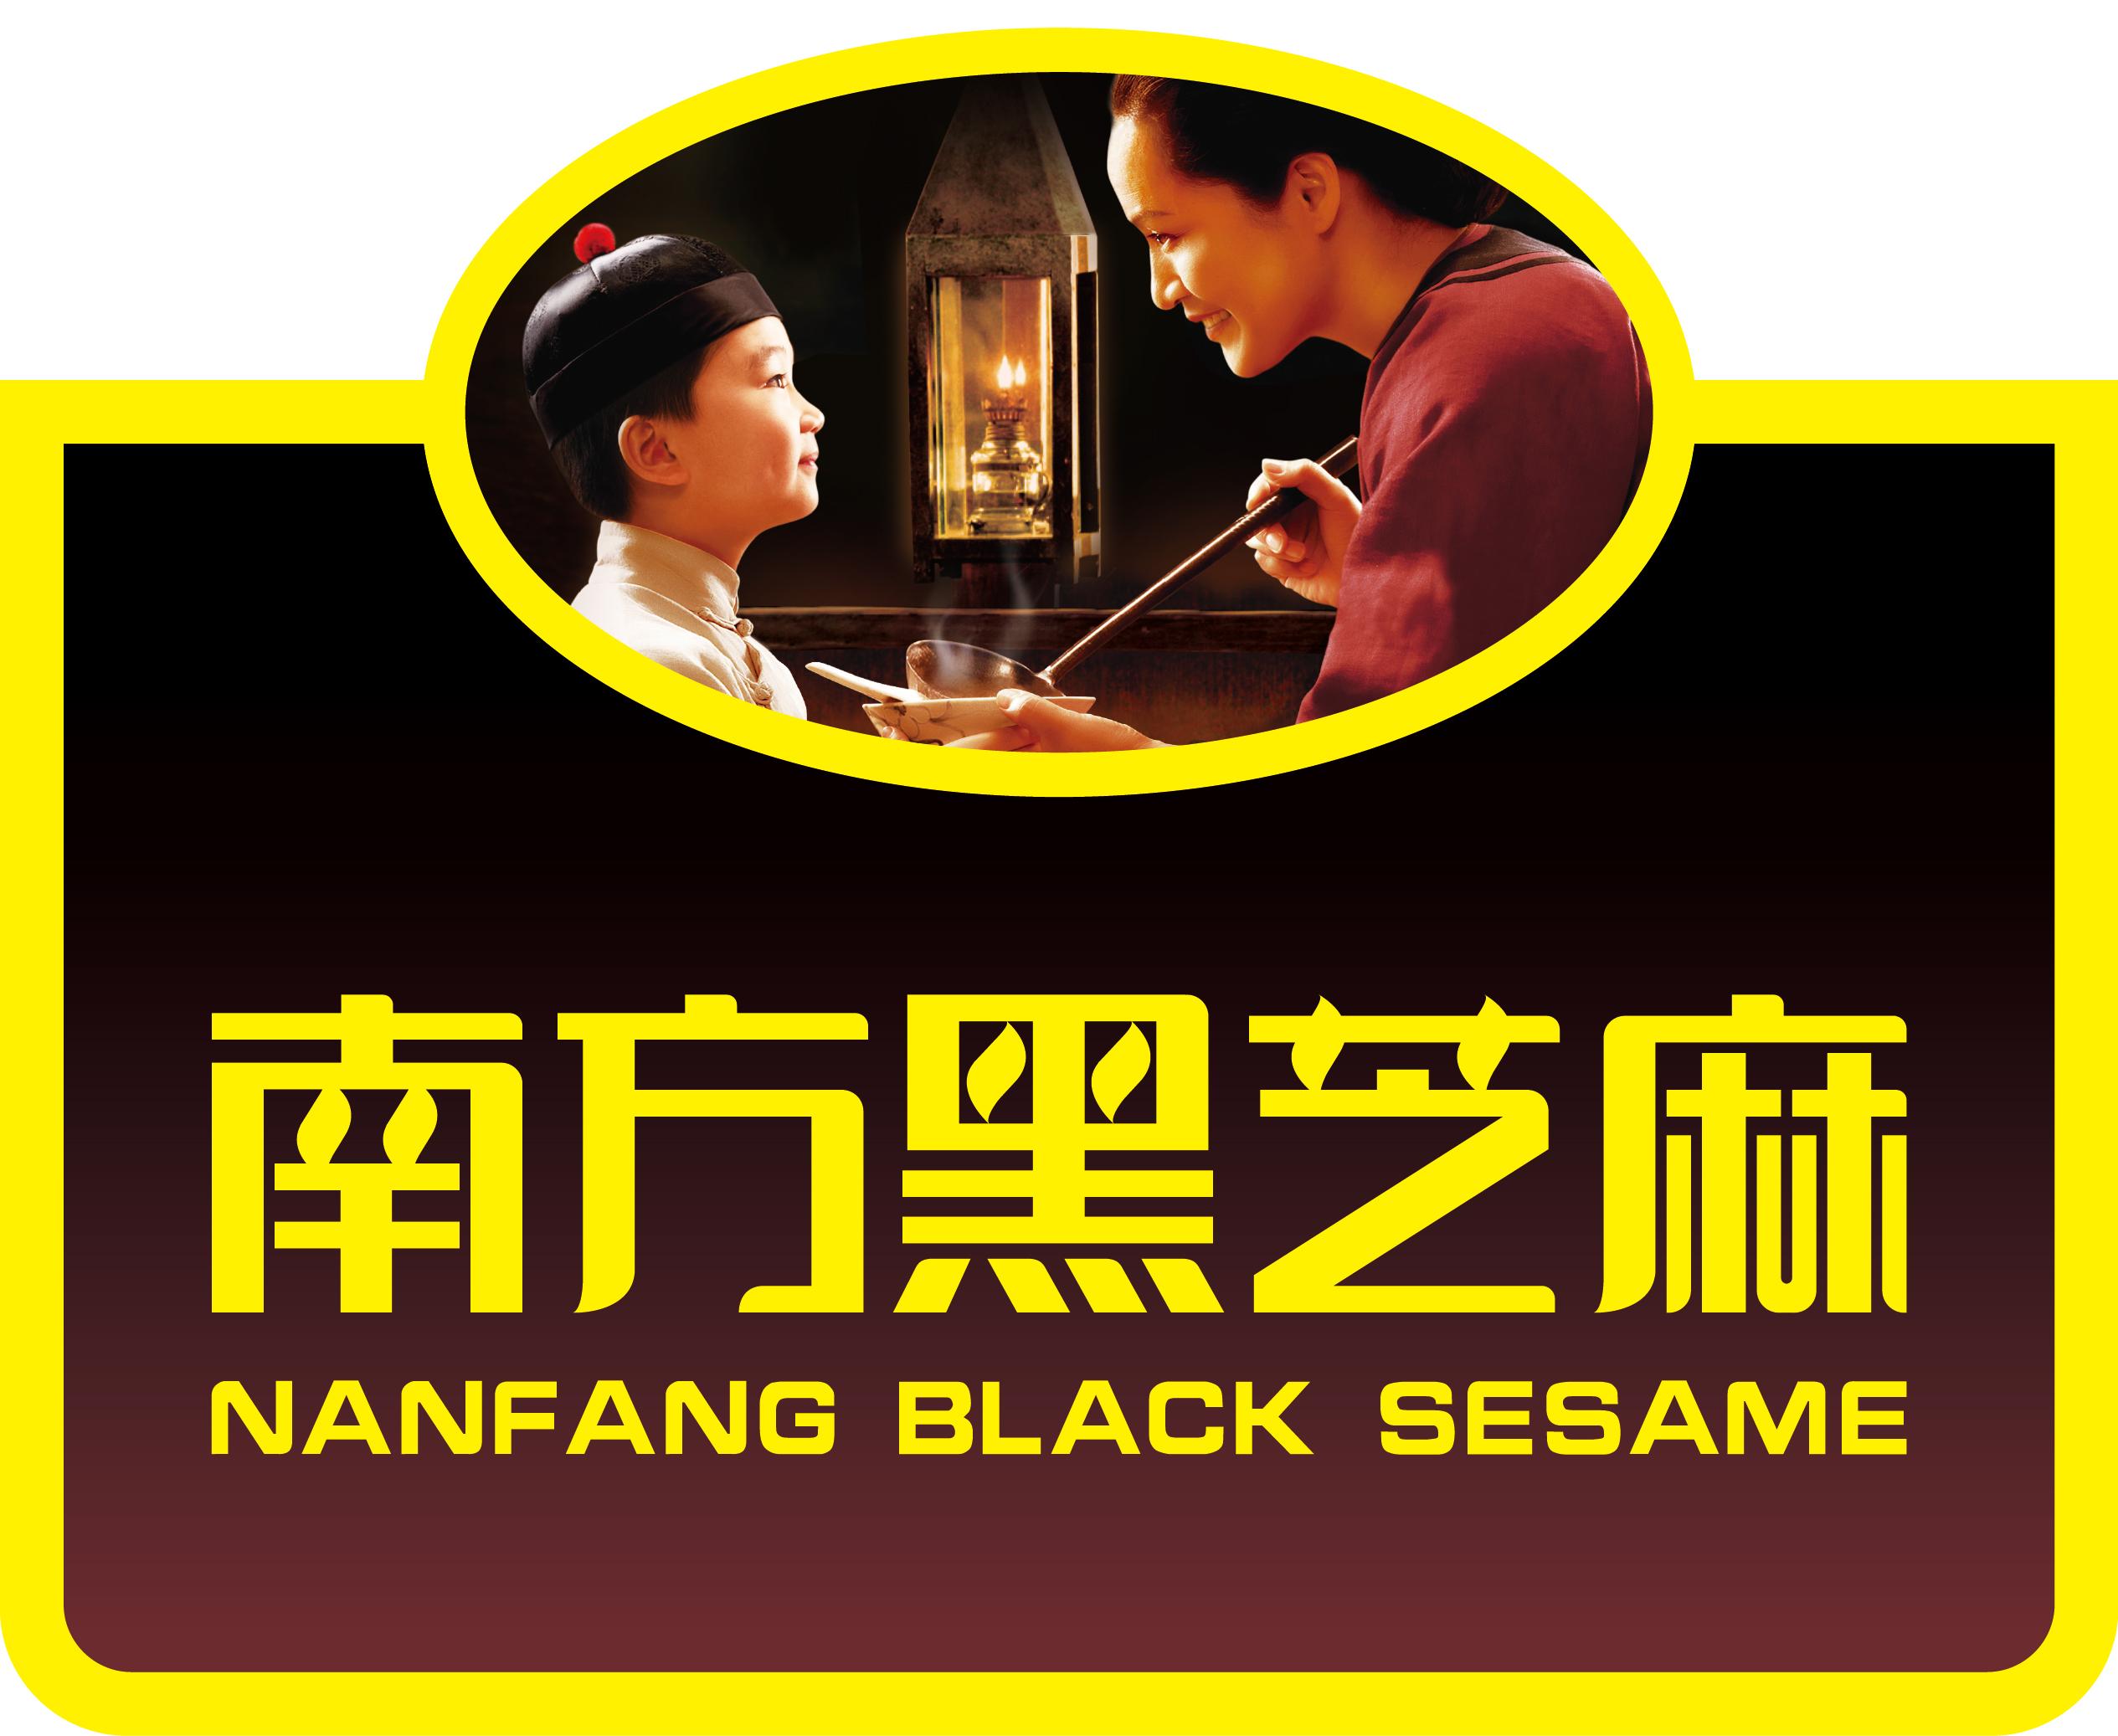 广西黑五类食品集团公司